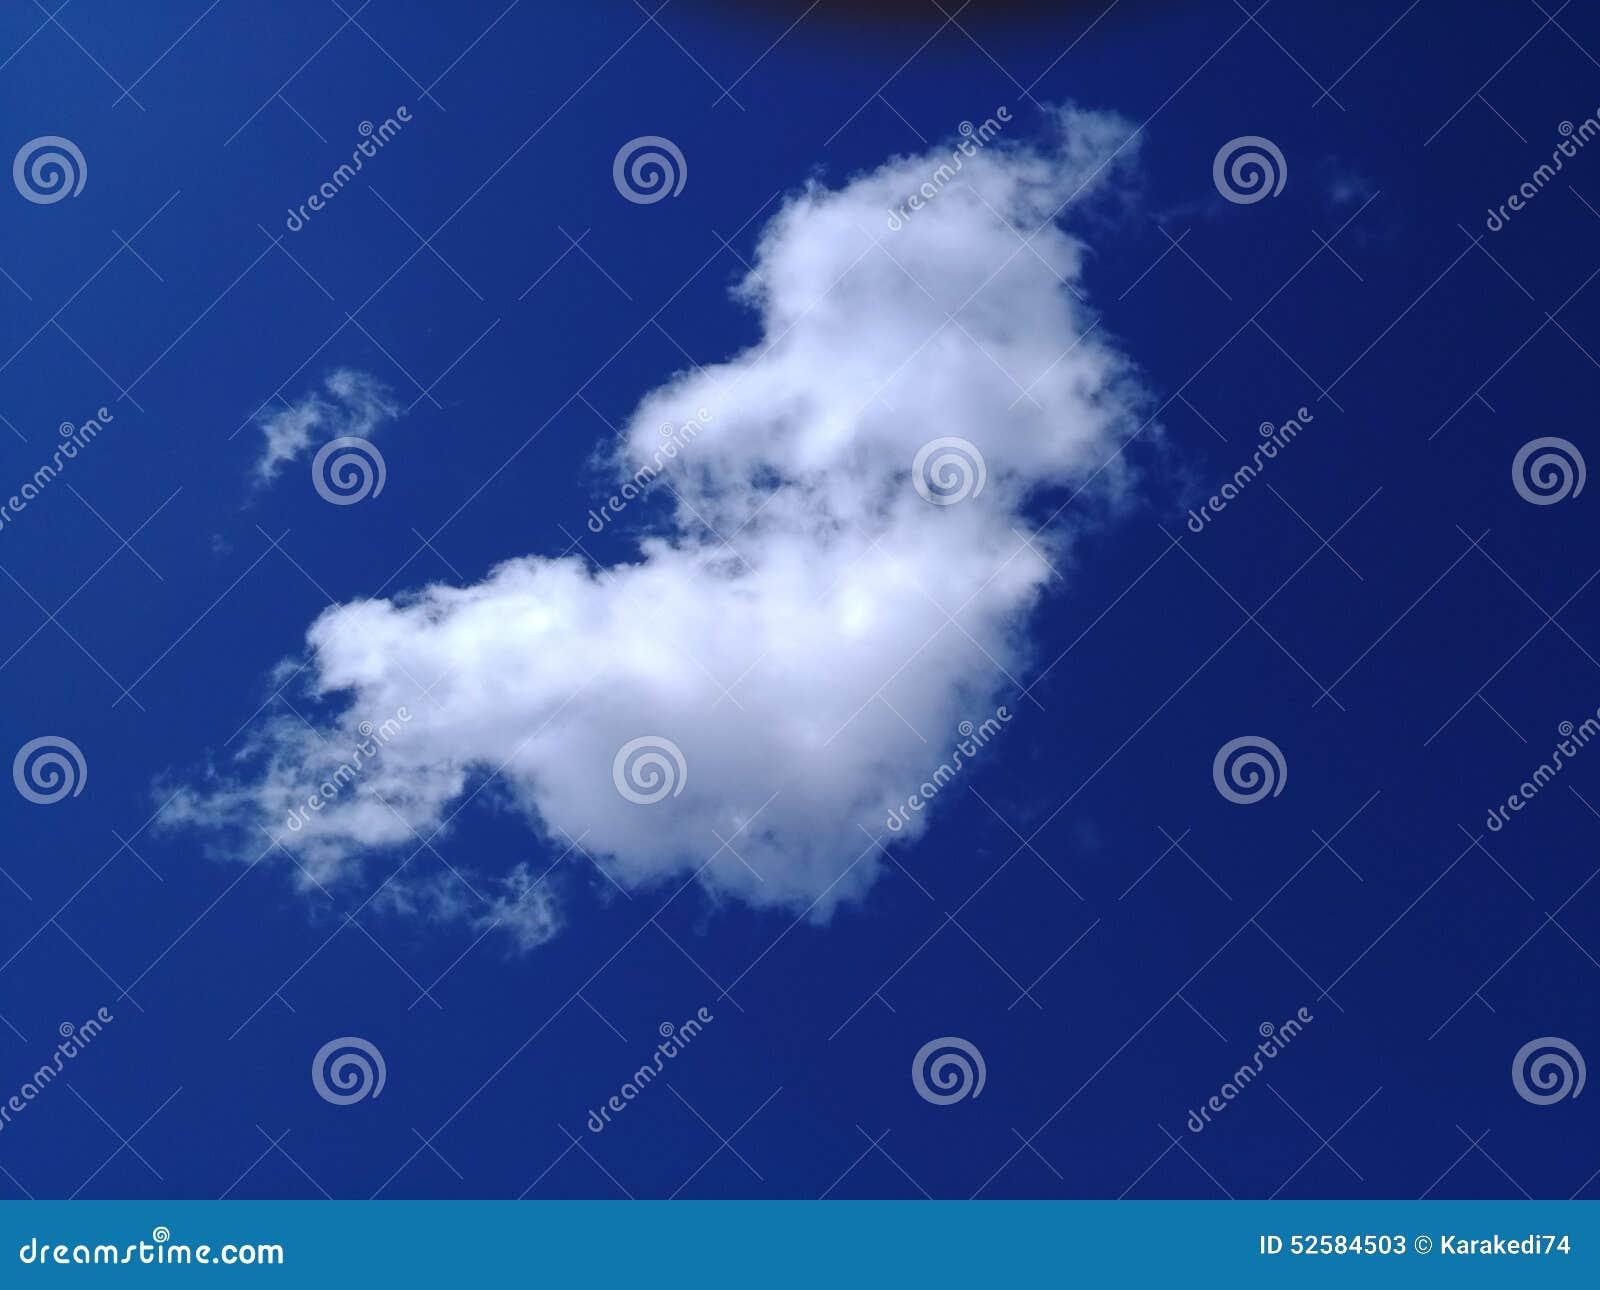 Panoramic Sky Stock Photo - Image: 52584503